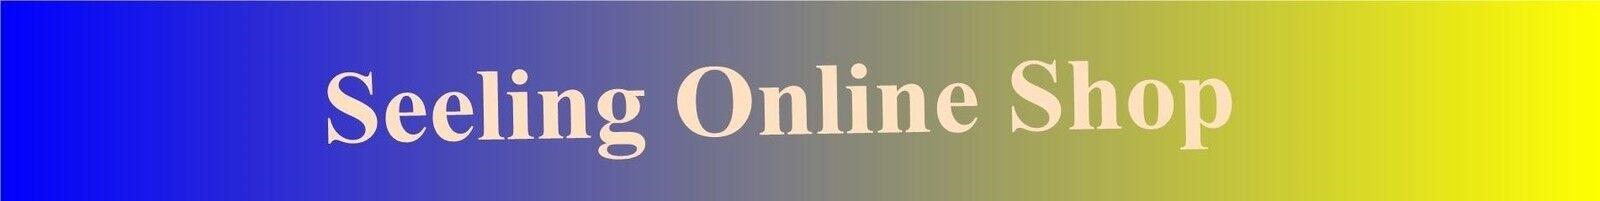 Seeling-Online-Shop